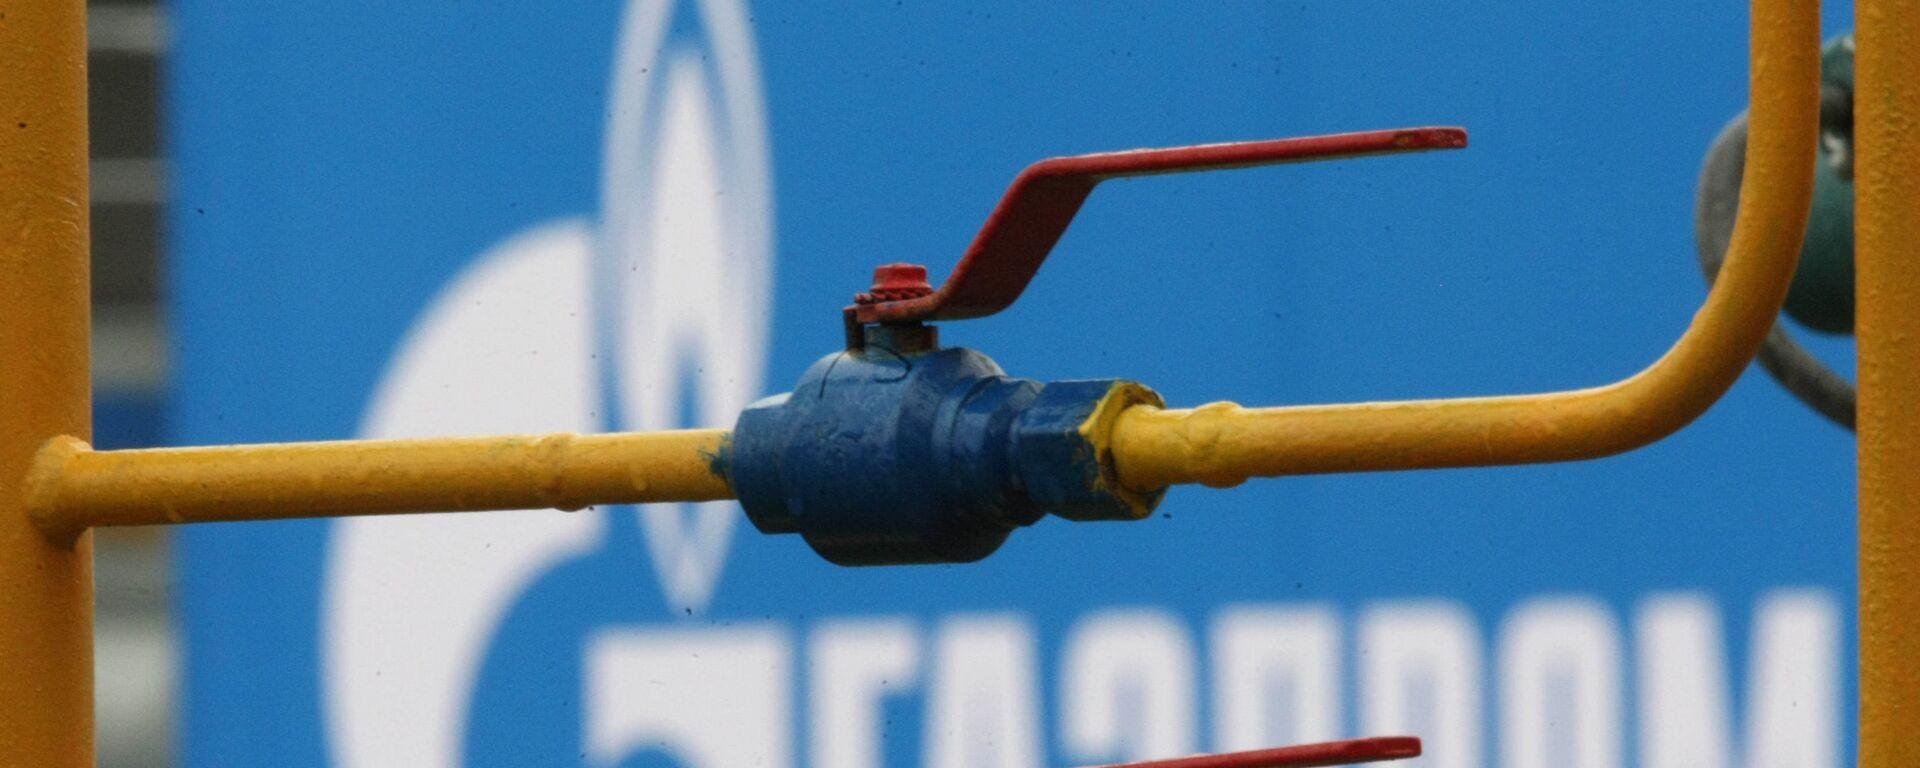 ОАО Газпром - Sputnik Армения, 1920, 06.10.2021